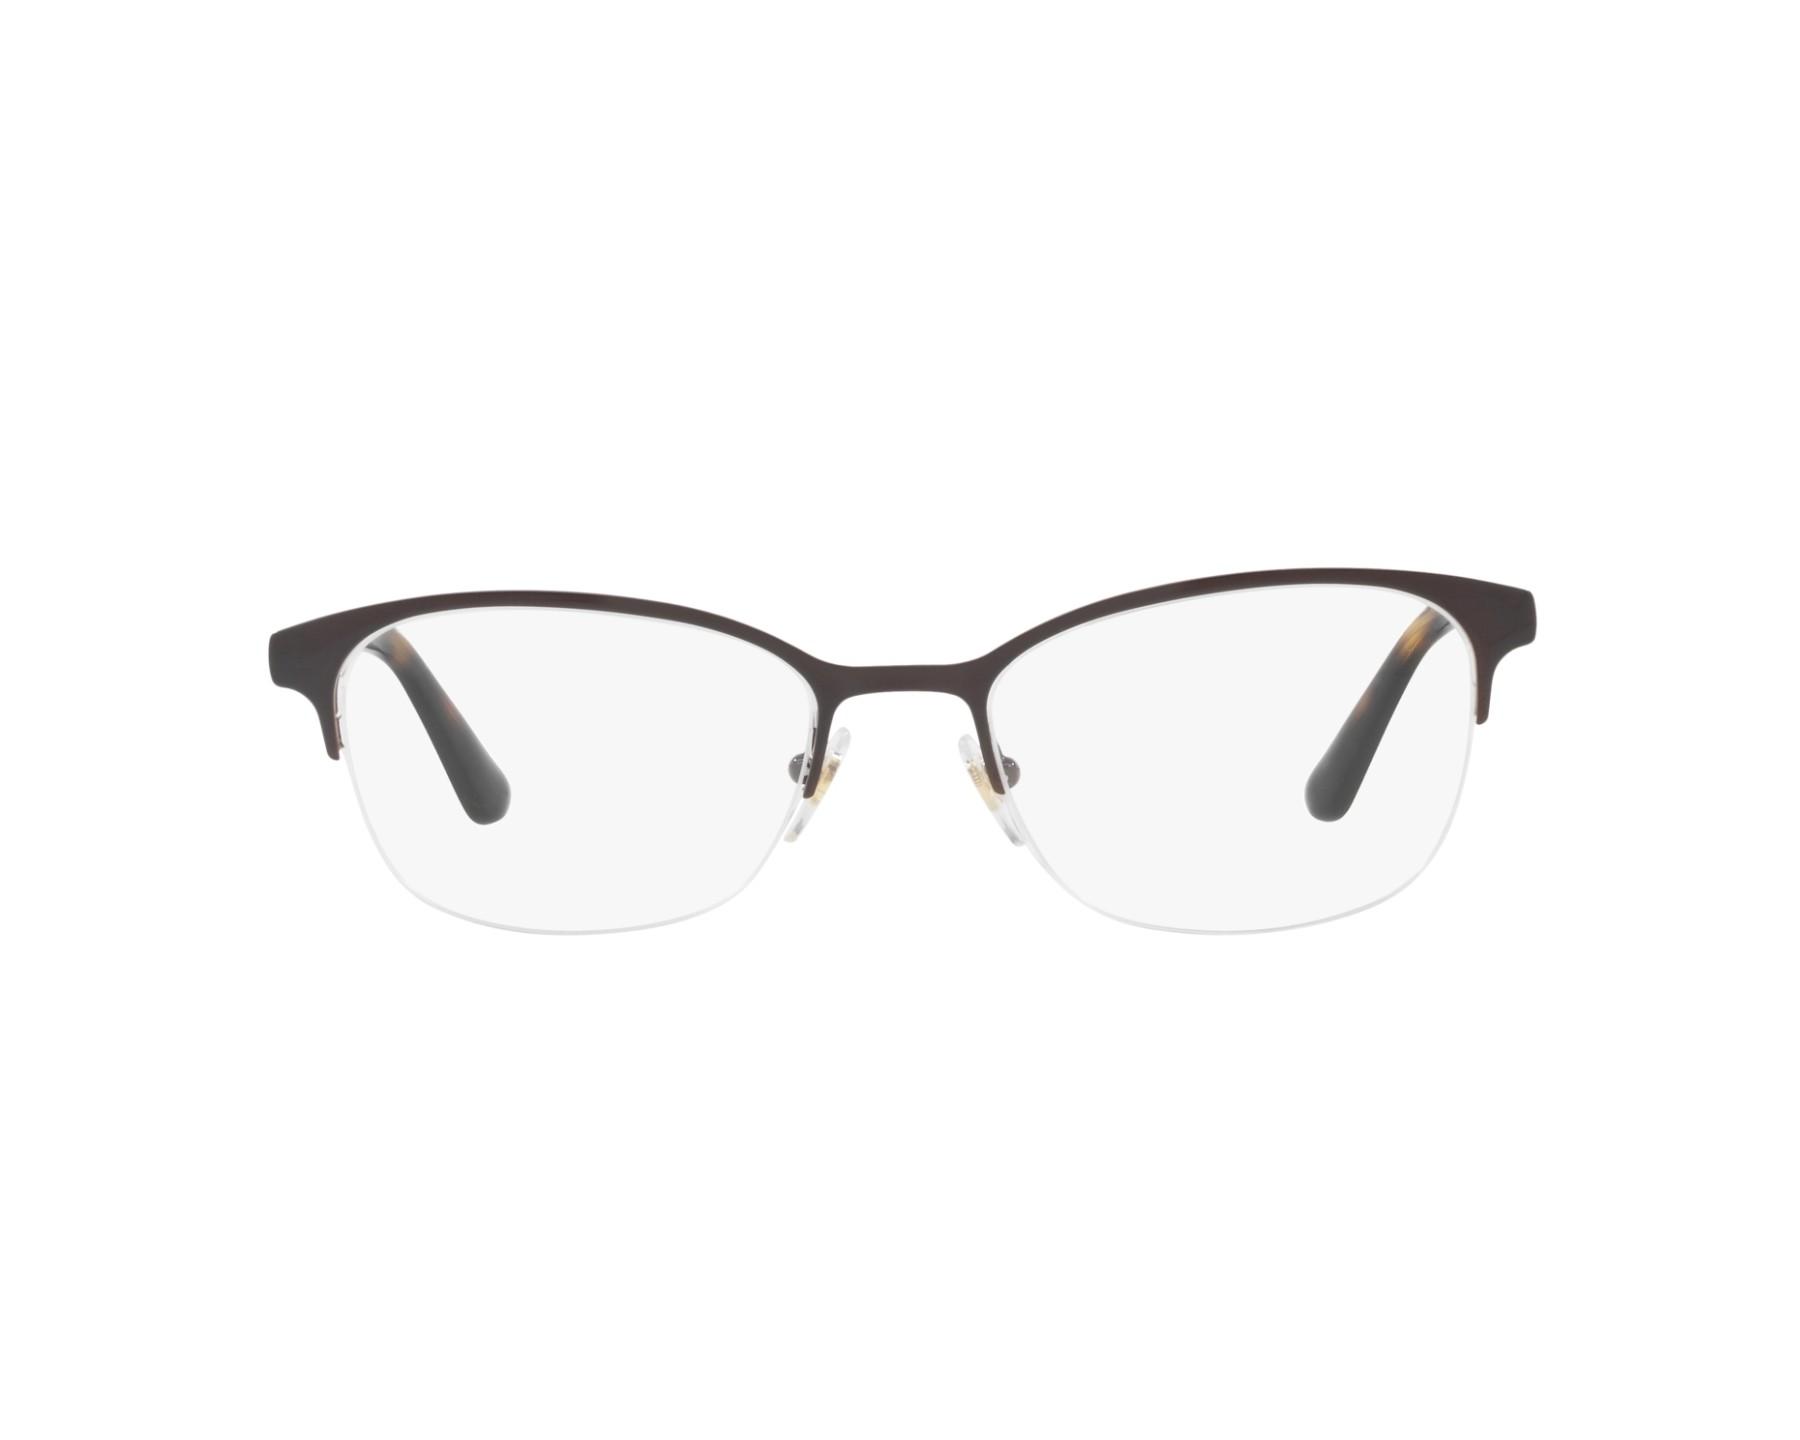 334fd7b4fb Fendi Eyewear 997 Eyeglasses Frames